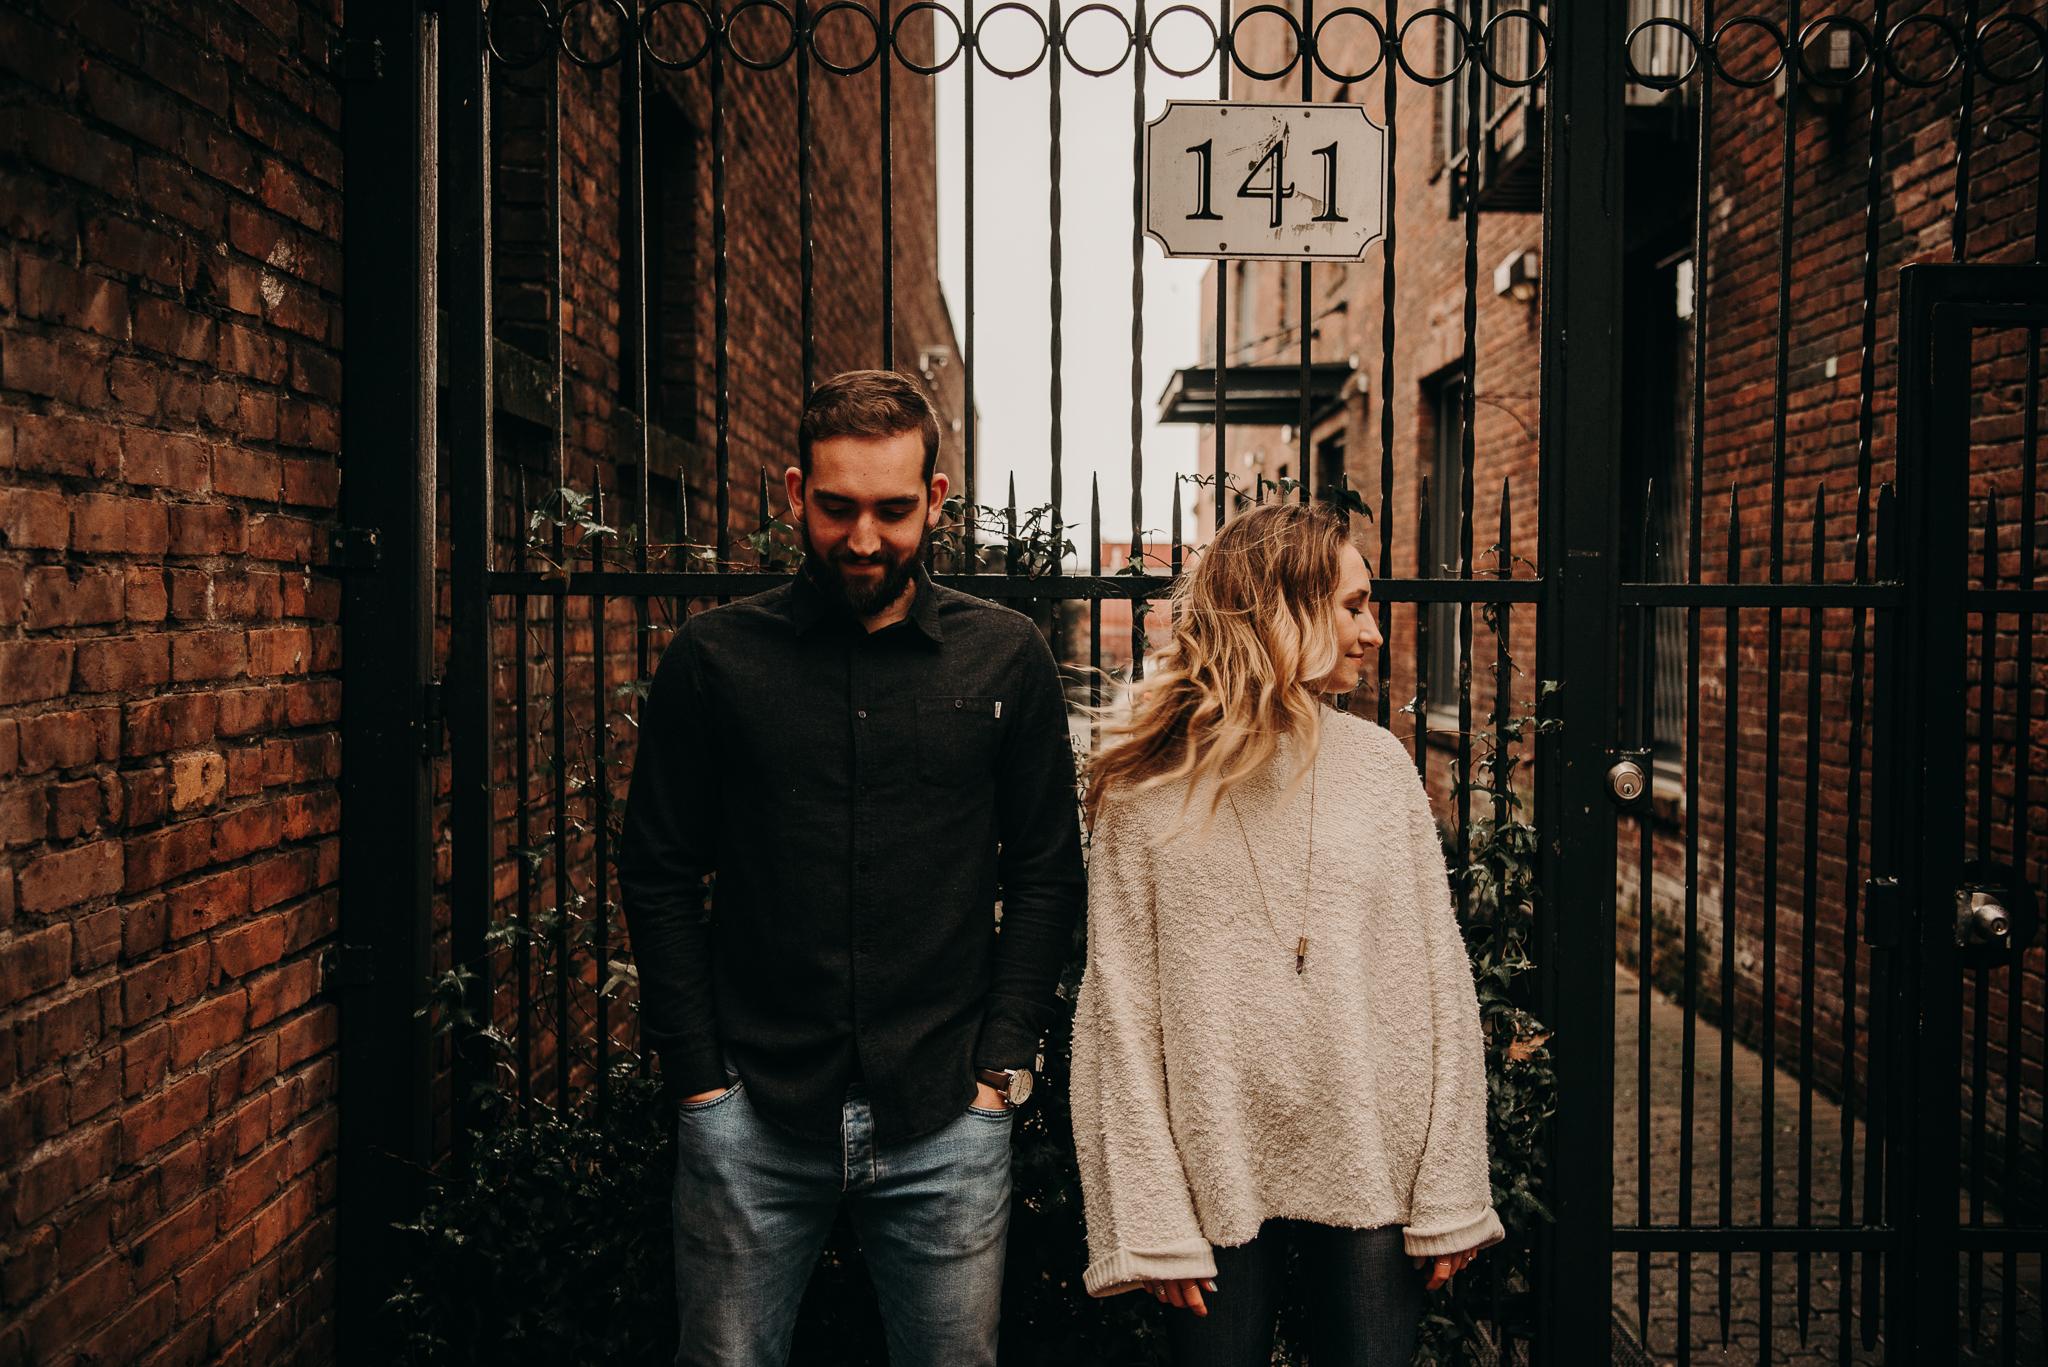 Amanda & Eric Gastown Vancouver Engagement Session - Laura Olson Photography - Sunshine Coast BC Photographer - Vancouver Photographer-2358.jpg